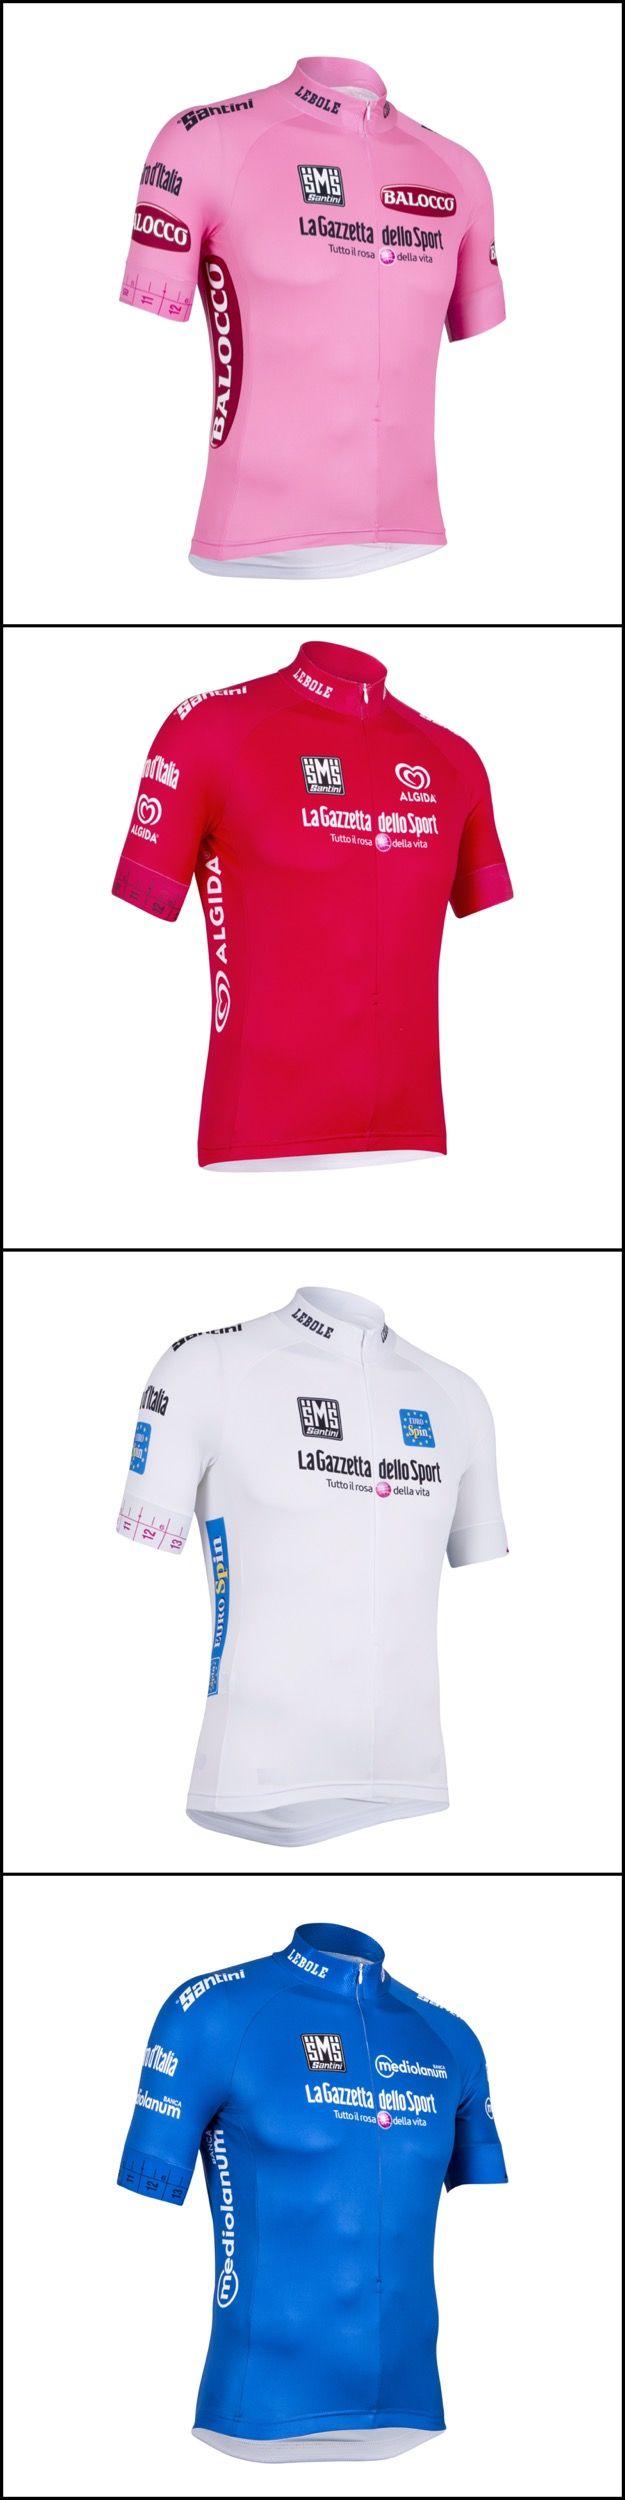 le maglie del Giro d'Italia 2015 disegnate da LEBOLE #lebole #lebolegiro2015 #leboleuomo #giro #ciclismo